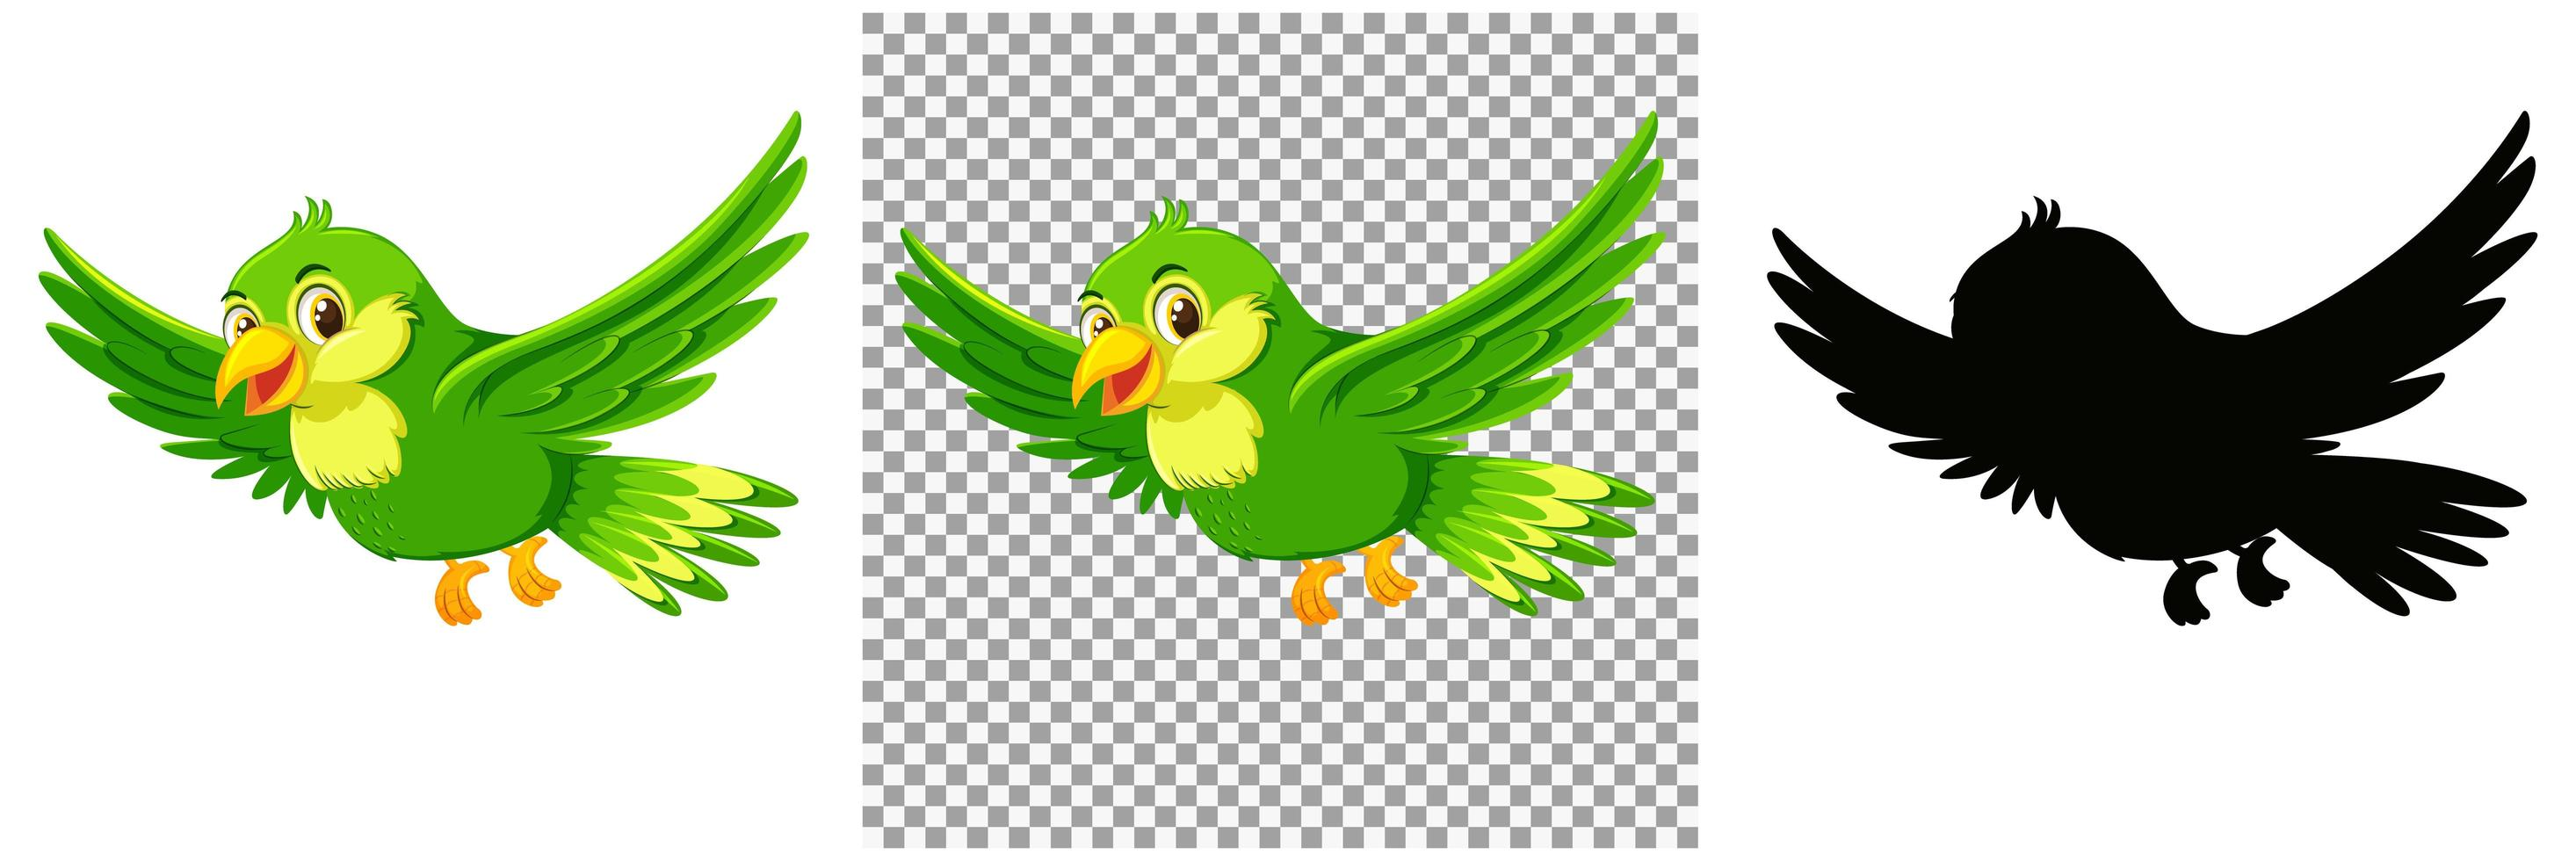 personaje de dibujos animados de pájaro verde vector